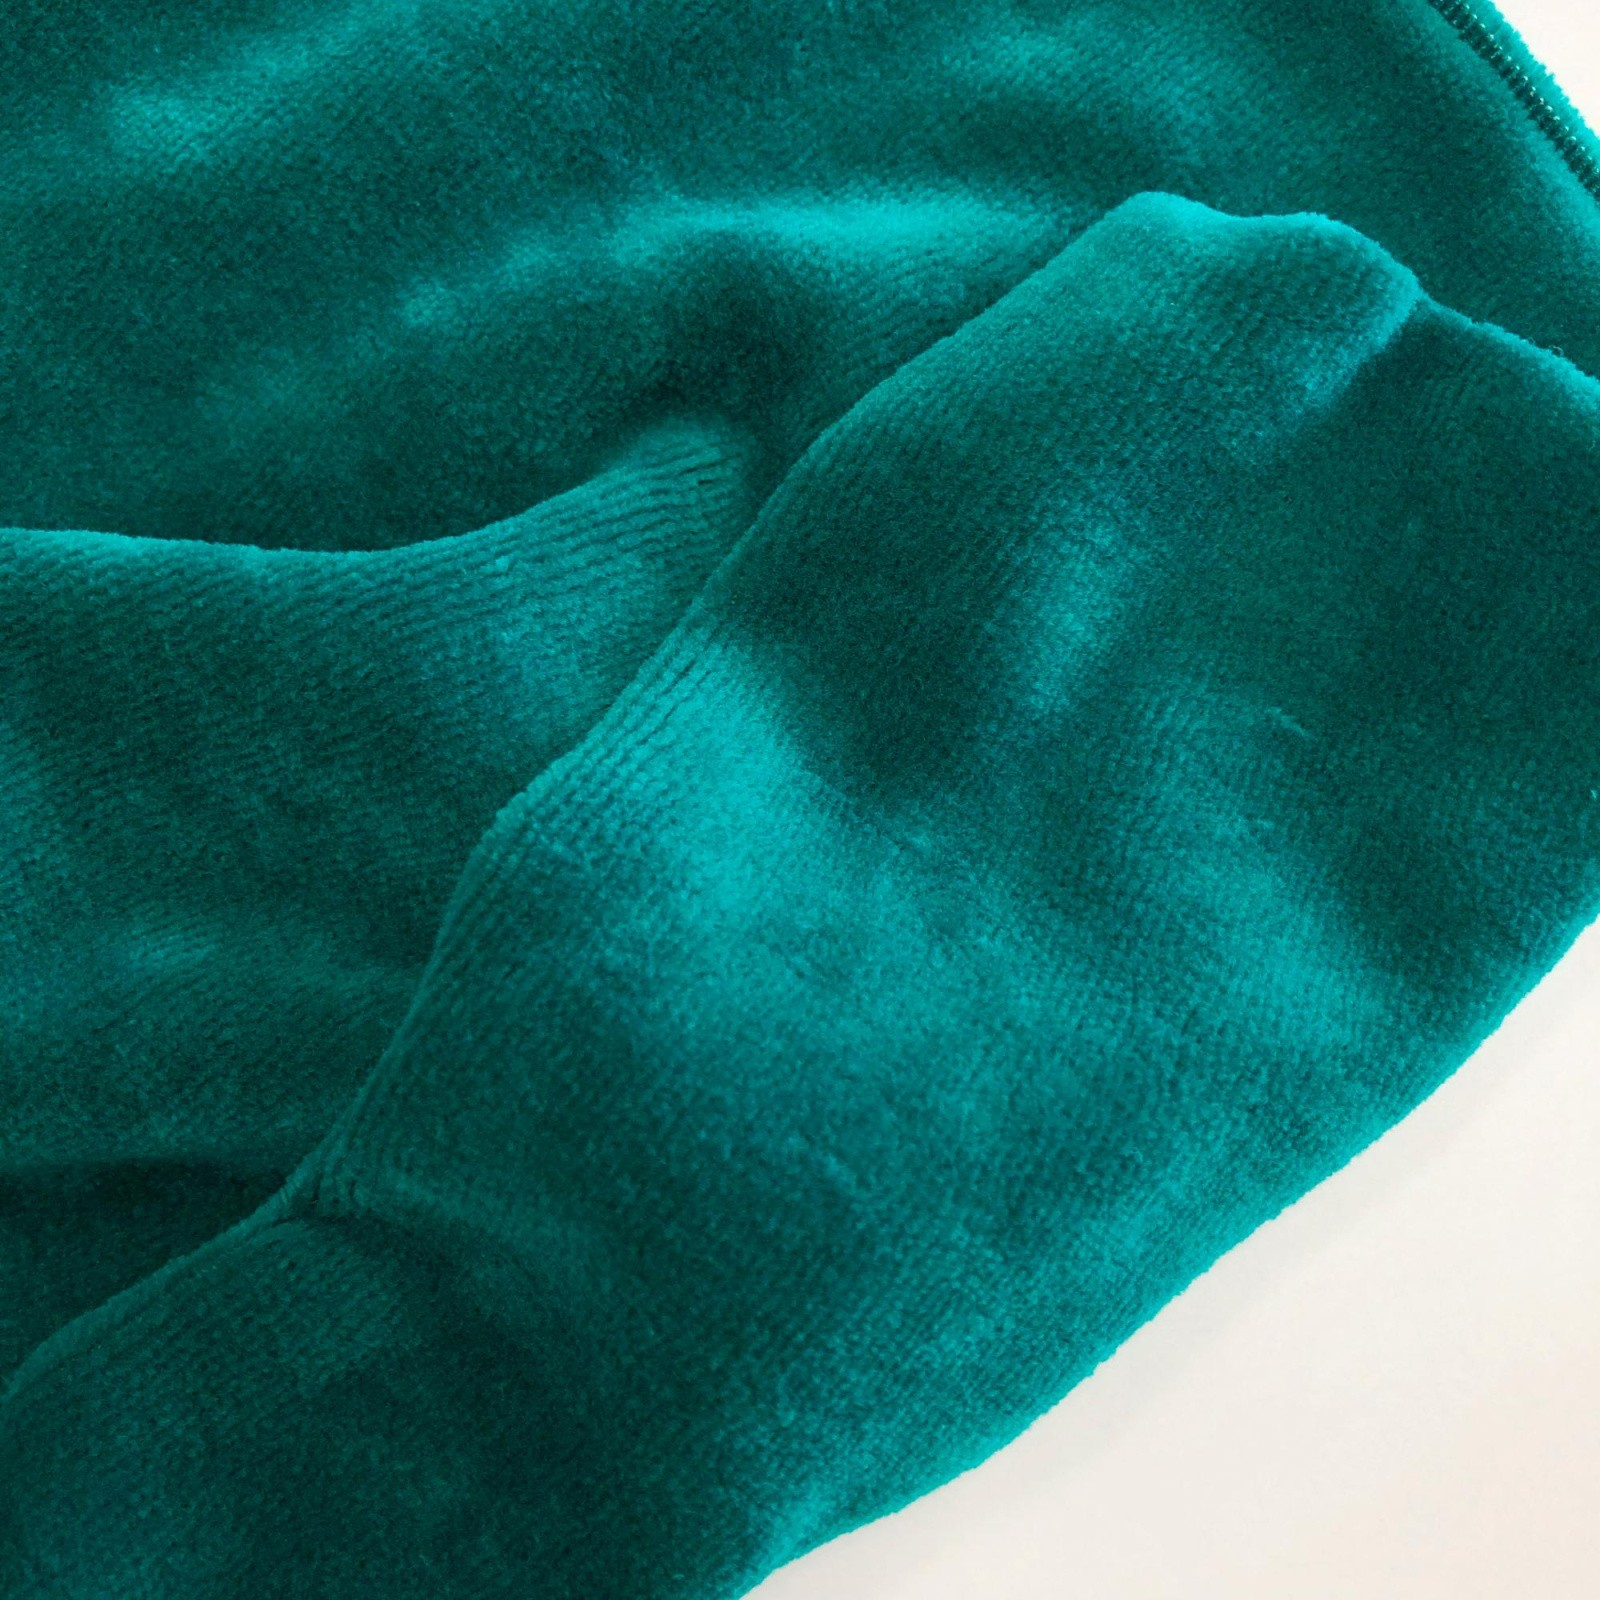 Велюр изумрудный ткань купить купить курточную ткань с детским принтом